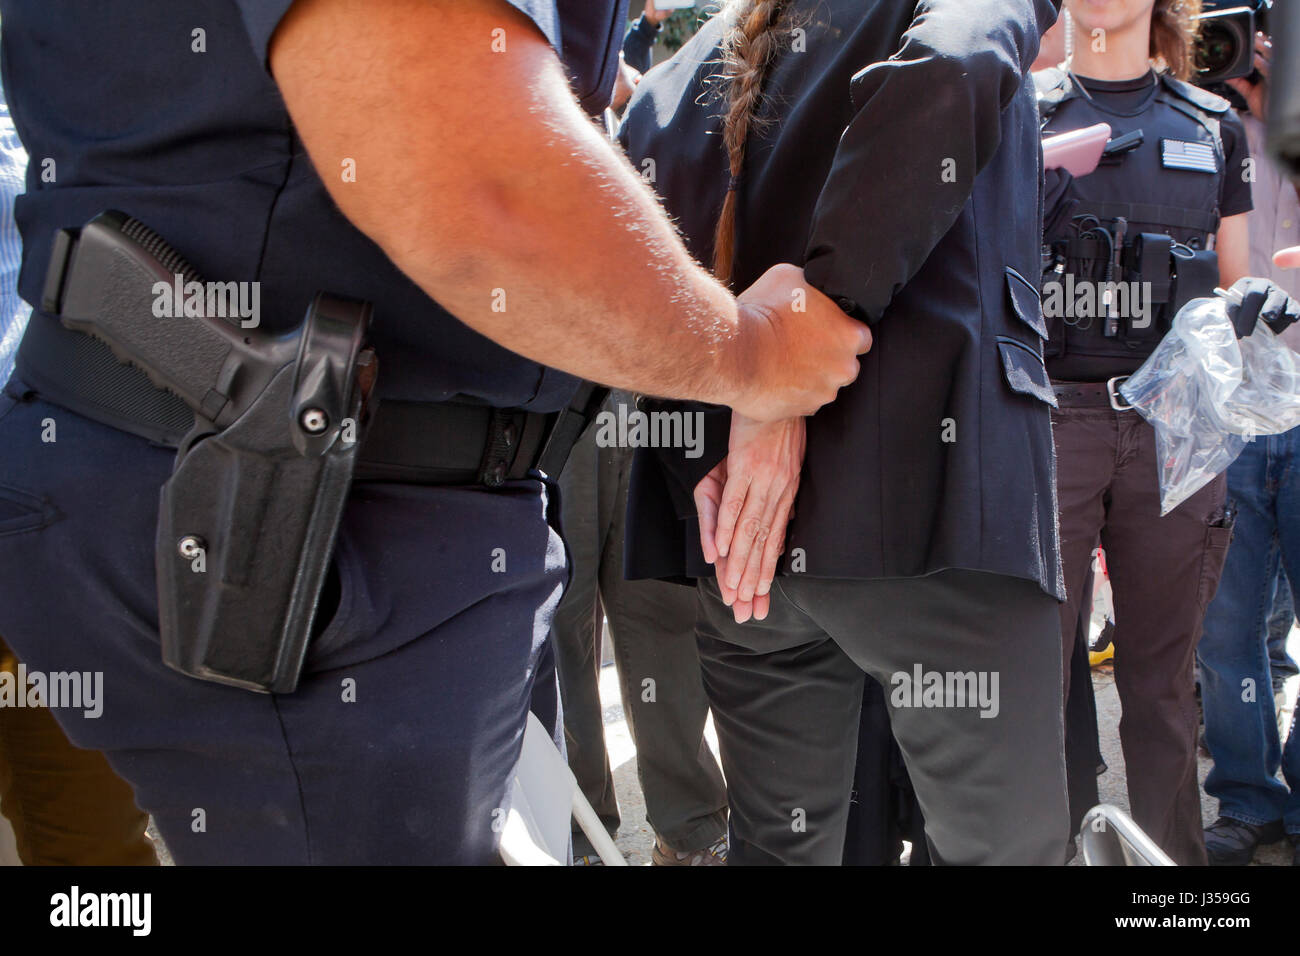 Femme d'être arrêté et menotté par la police - USA Photo Stock